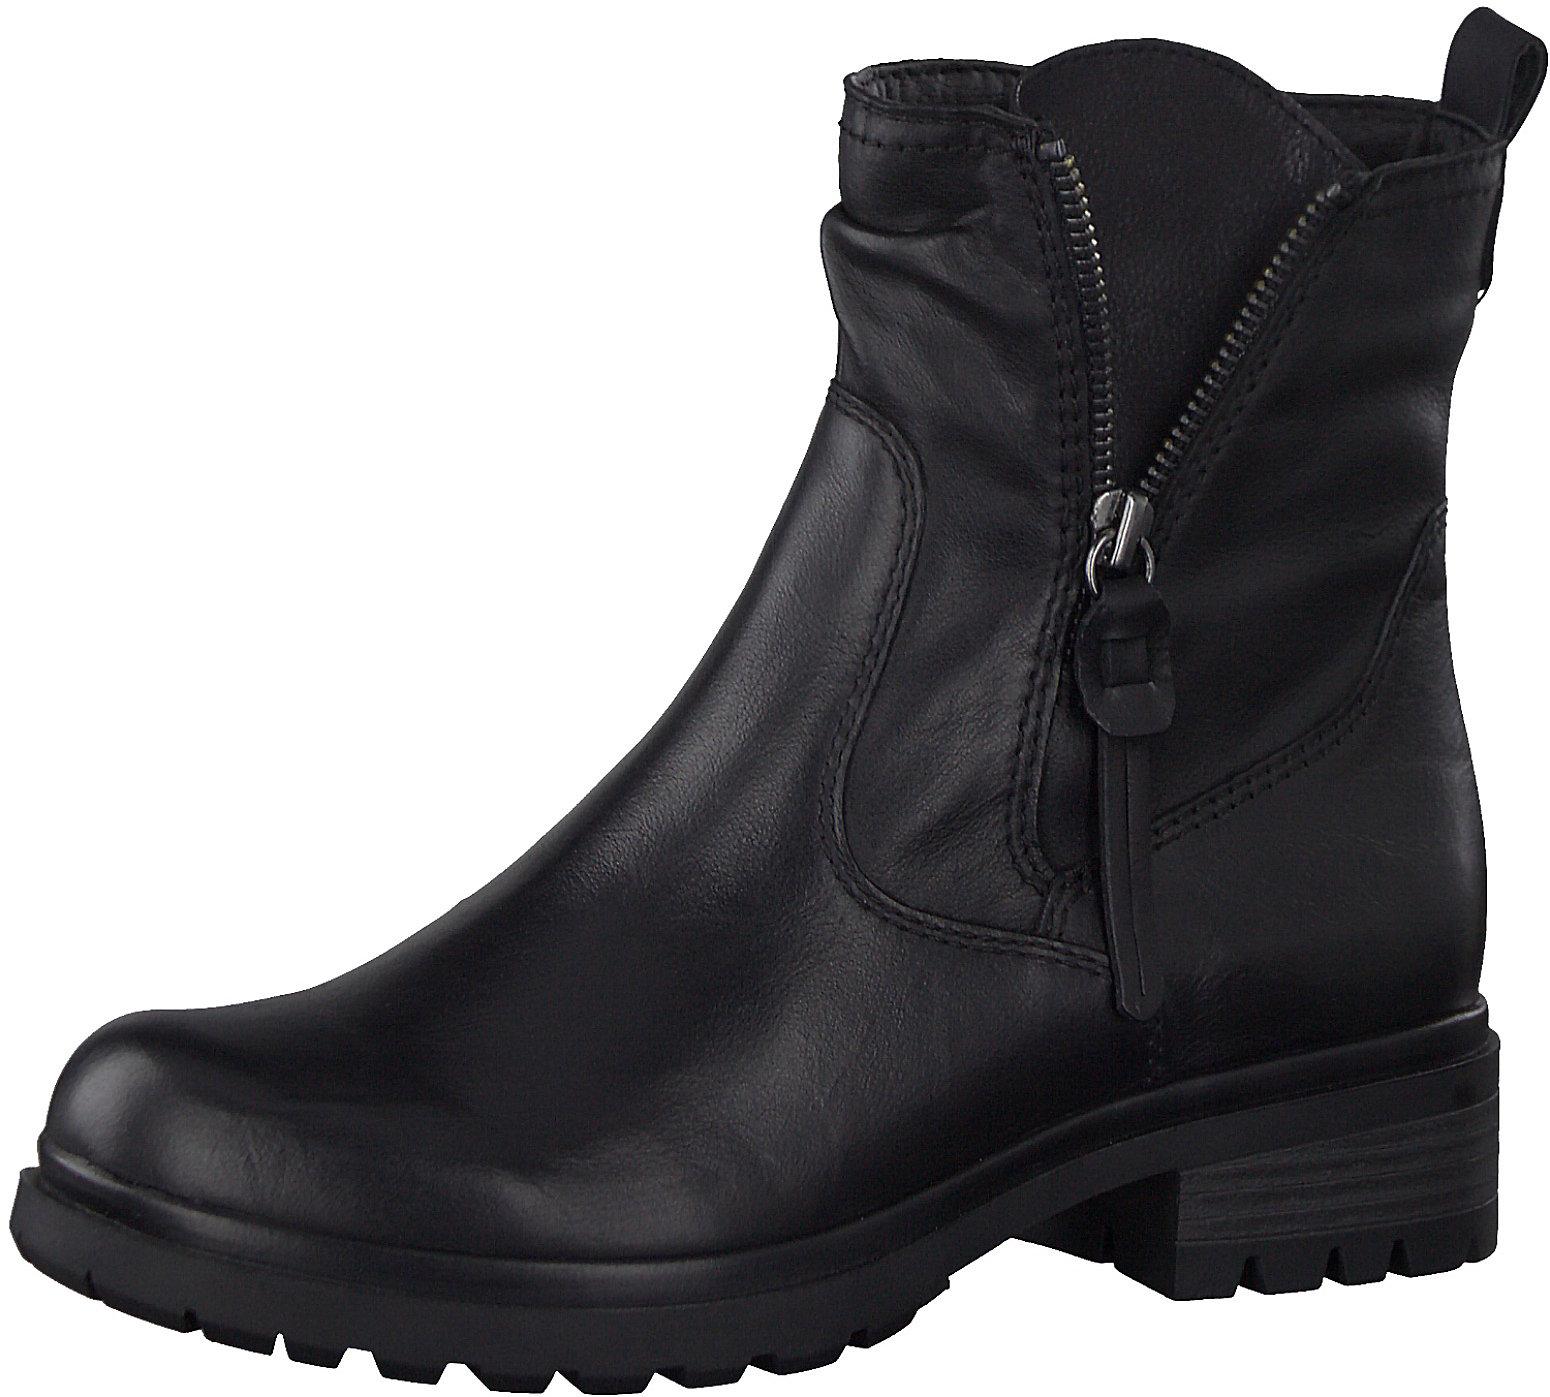 Details zu Neu Tamaris Klassische Stiefeletten 11409324 für Damen schwarz braun